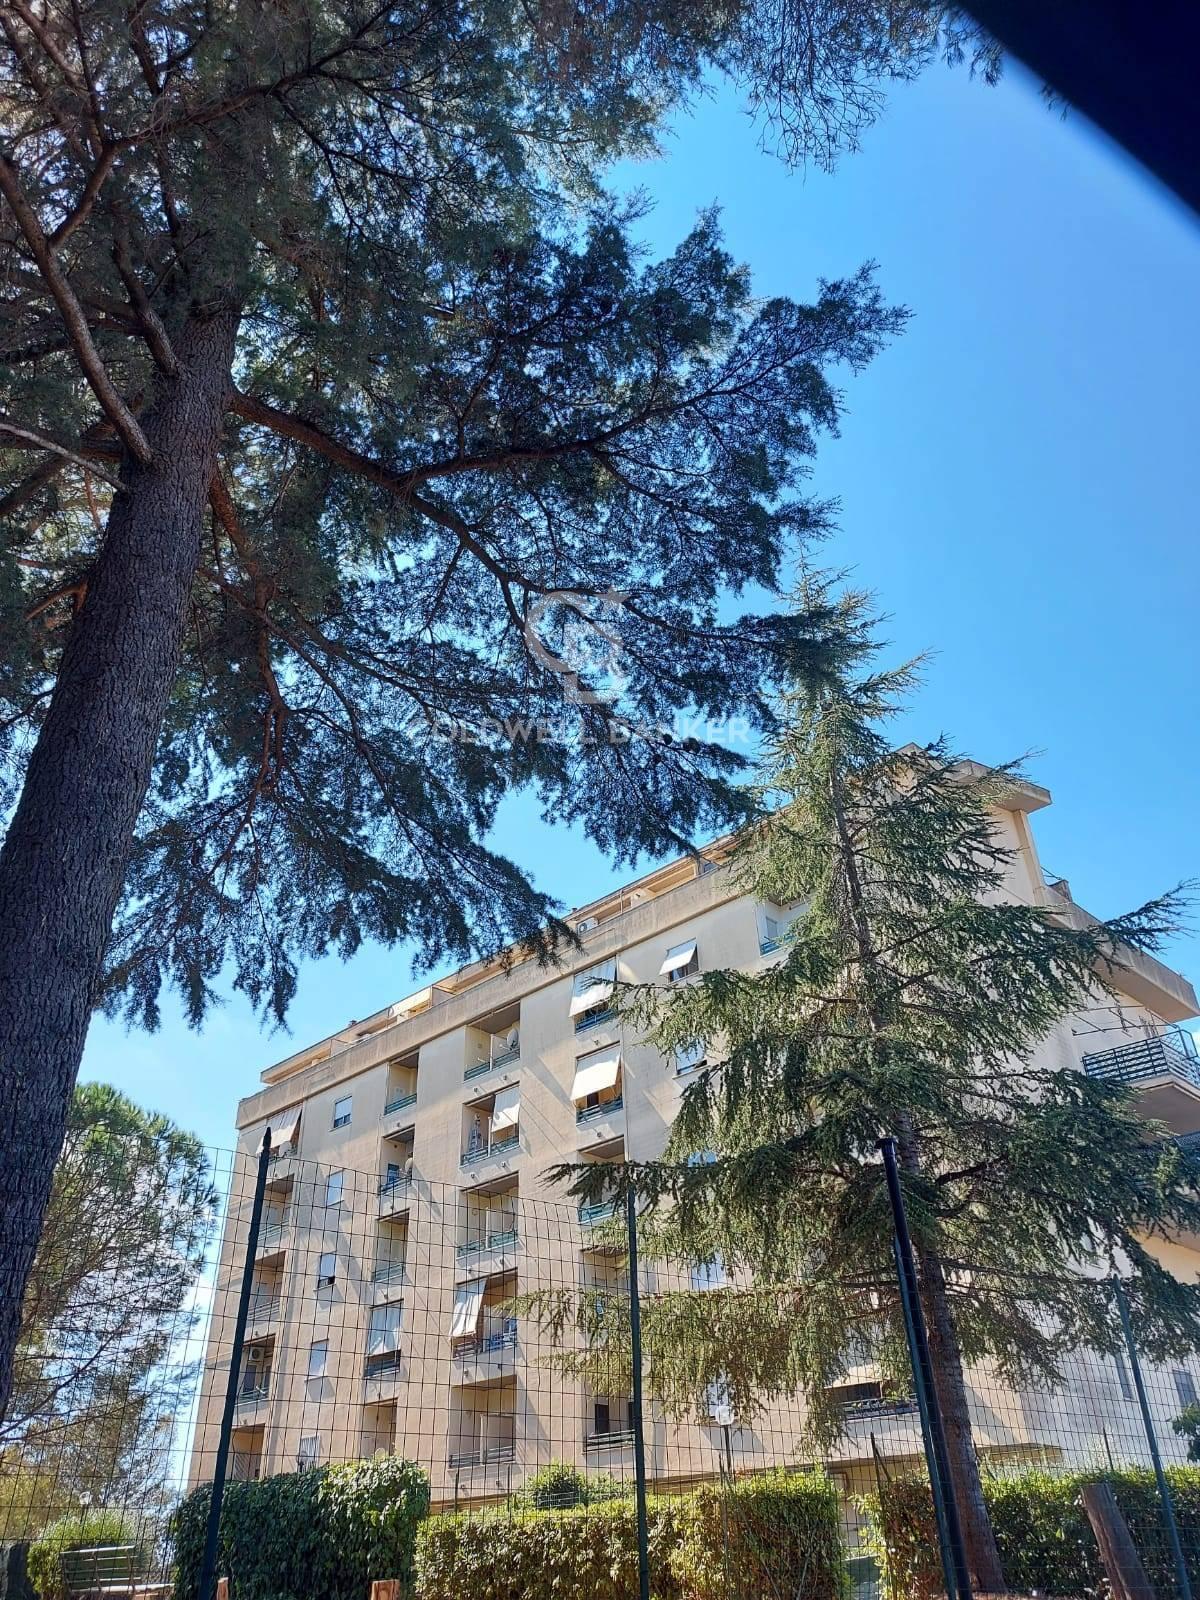 Appartamento in vendita a Roma, 3 locali, zona Zona: 27 . Aurelio - Boccea, prezzo € 250.000 | CambioCasa.it